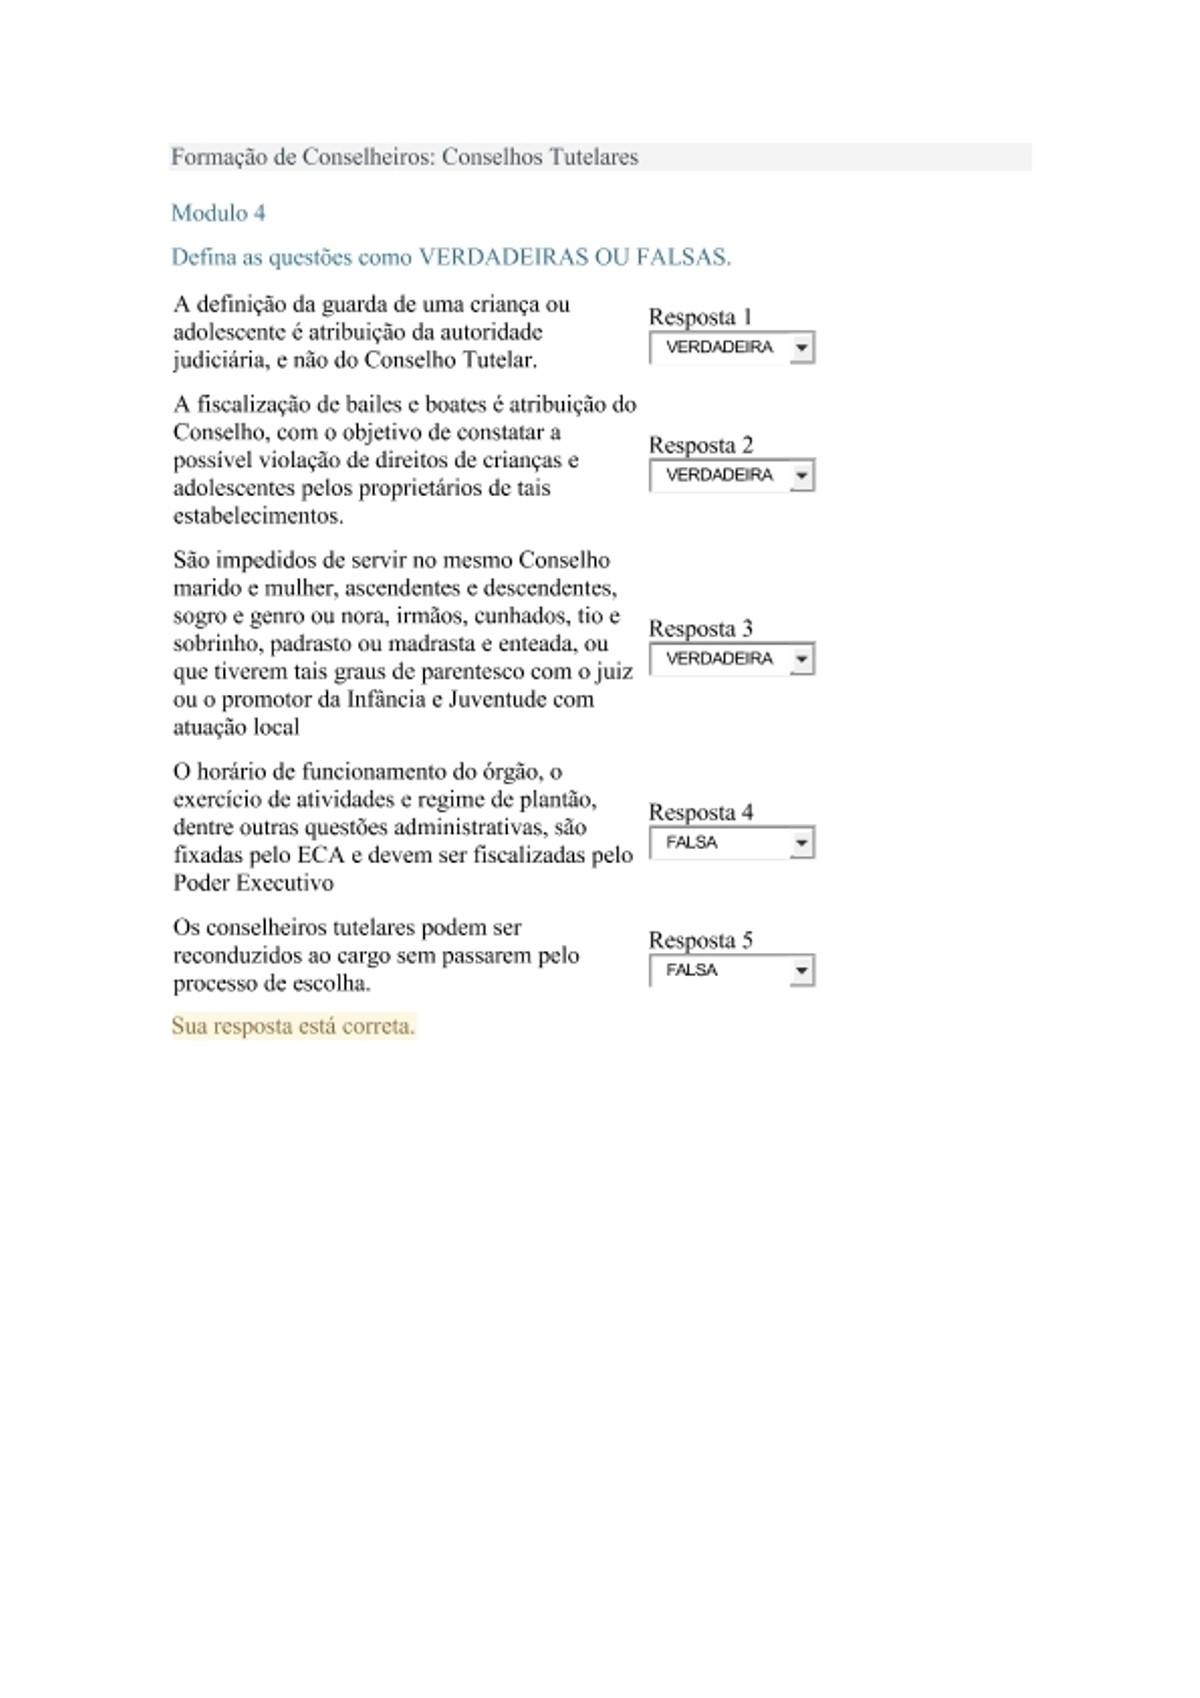 Pre-visualização do material Avaliação Modulo 4 Curso Formação de Conselheiros Conselhos Tutelares - página 1